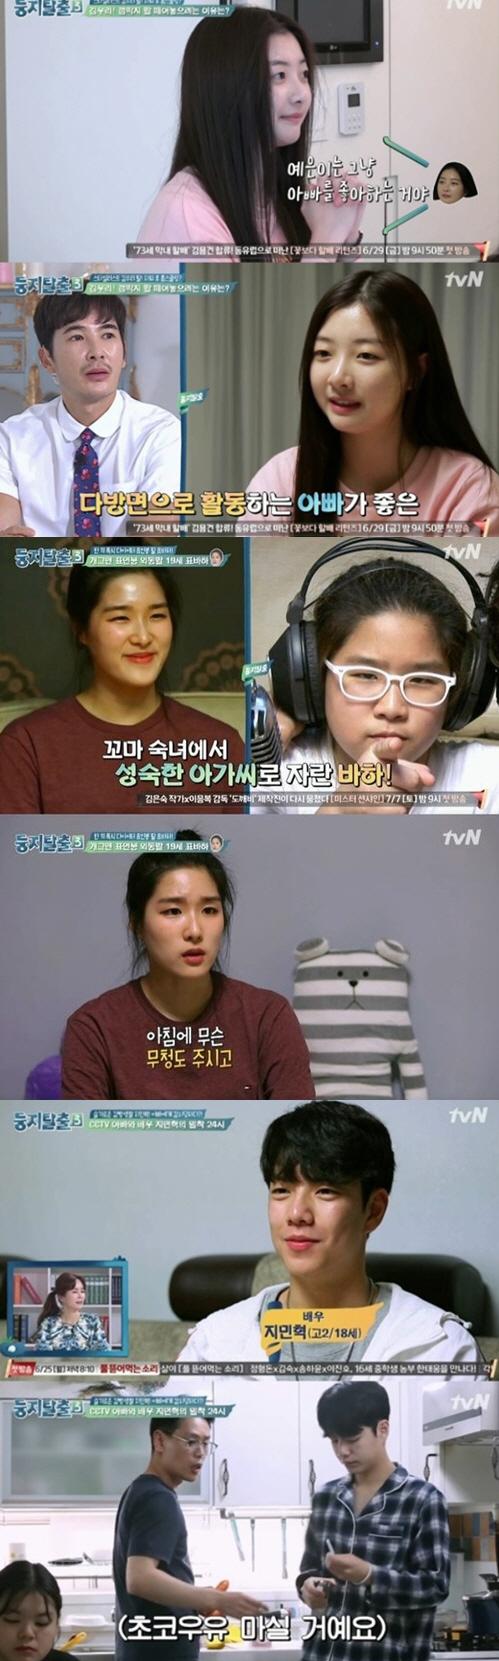 '둥지탈출3' 홈쇼핑계 '완판오빠' 김우리 등장…최고 시청률 경신